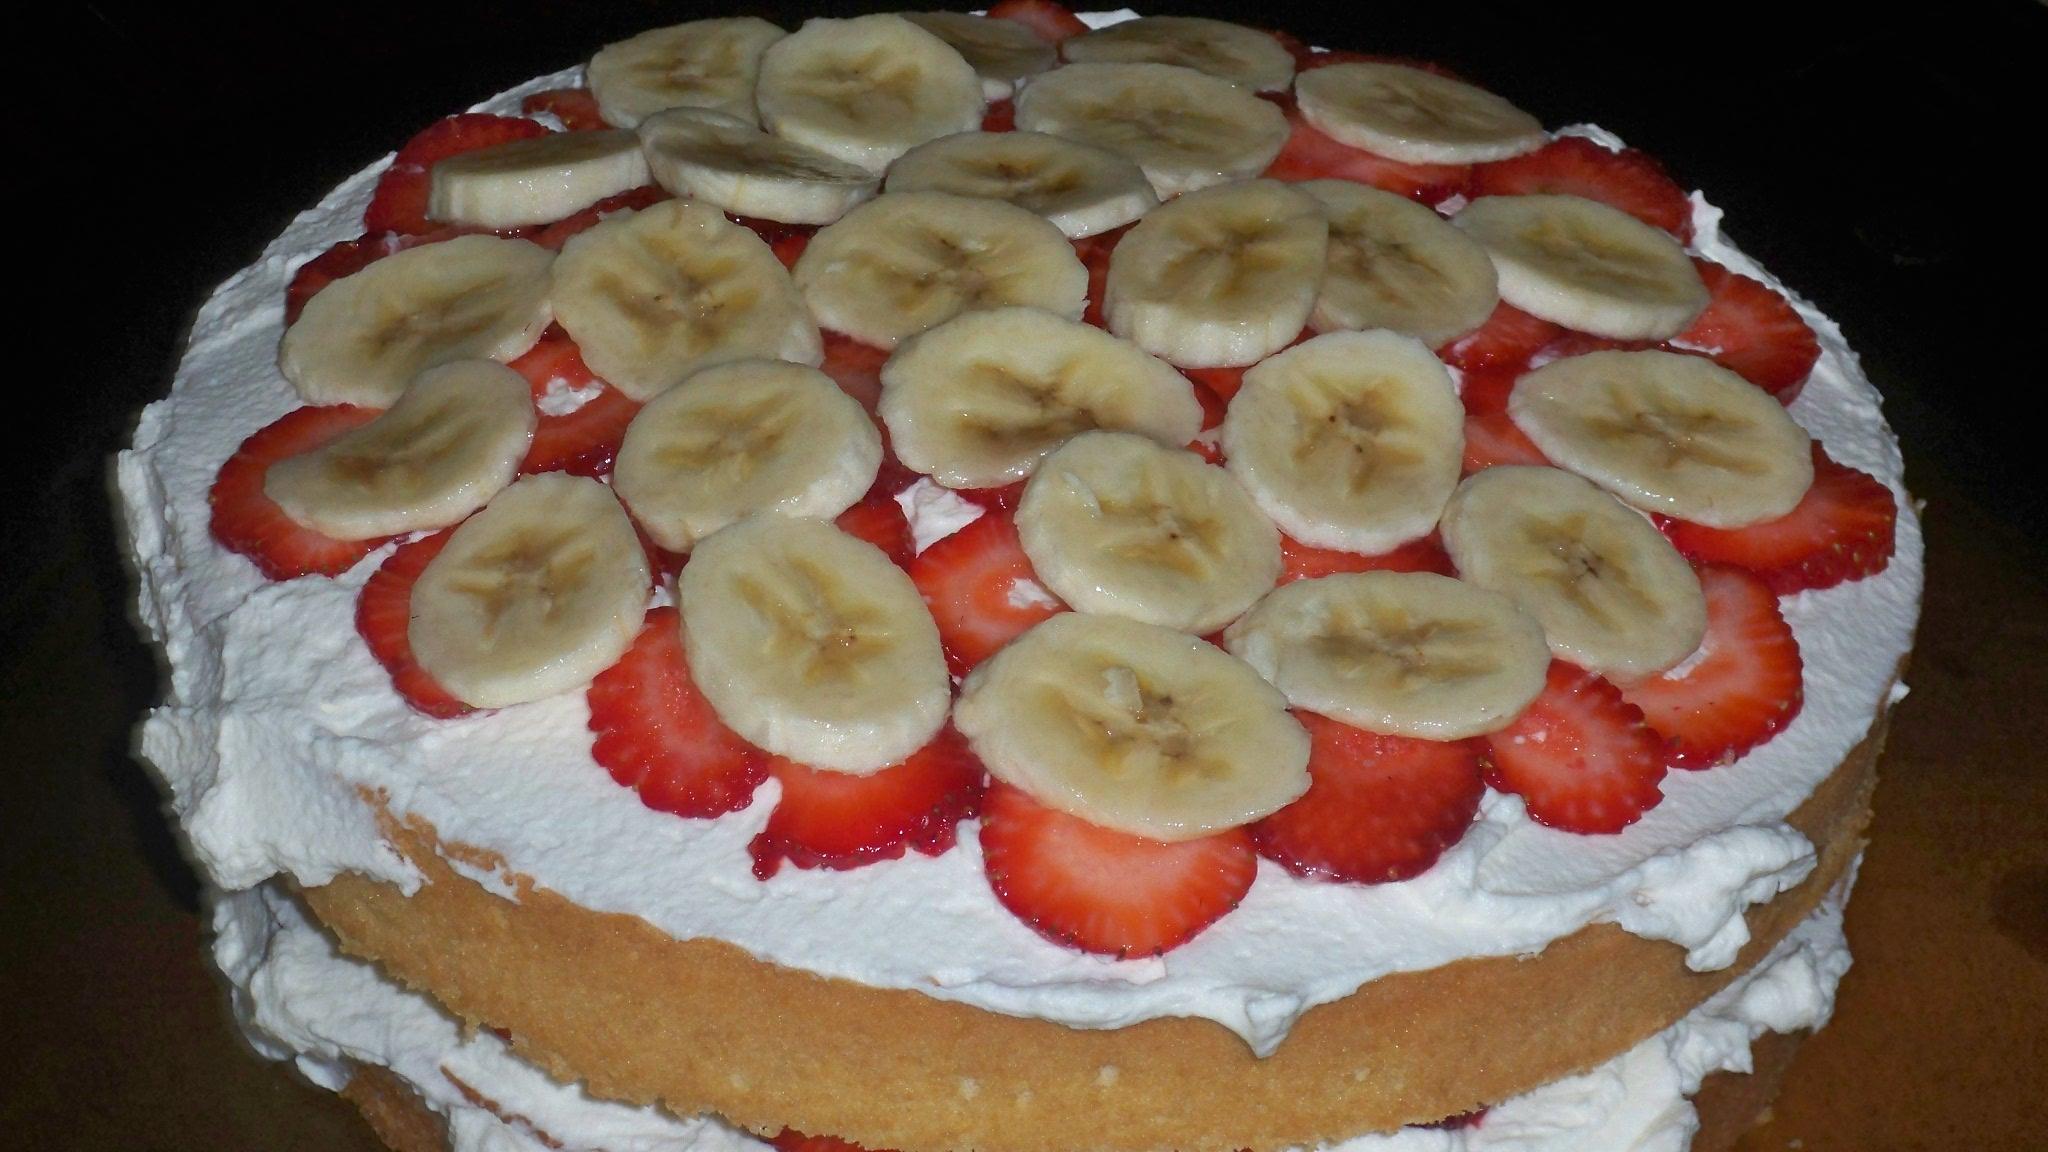 Layered Bananas and Strawberries